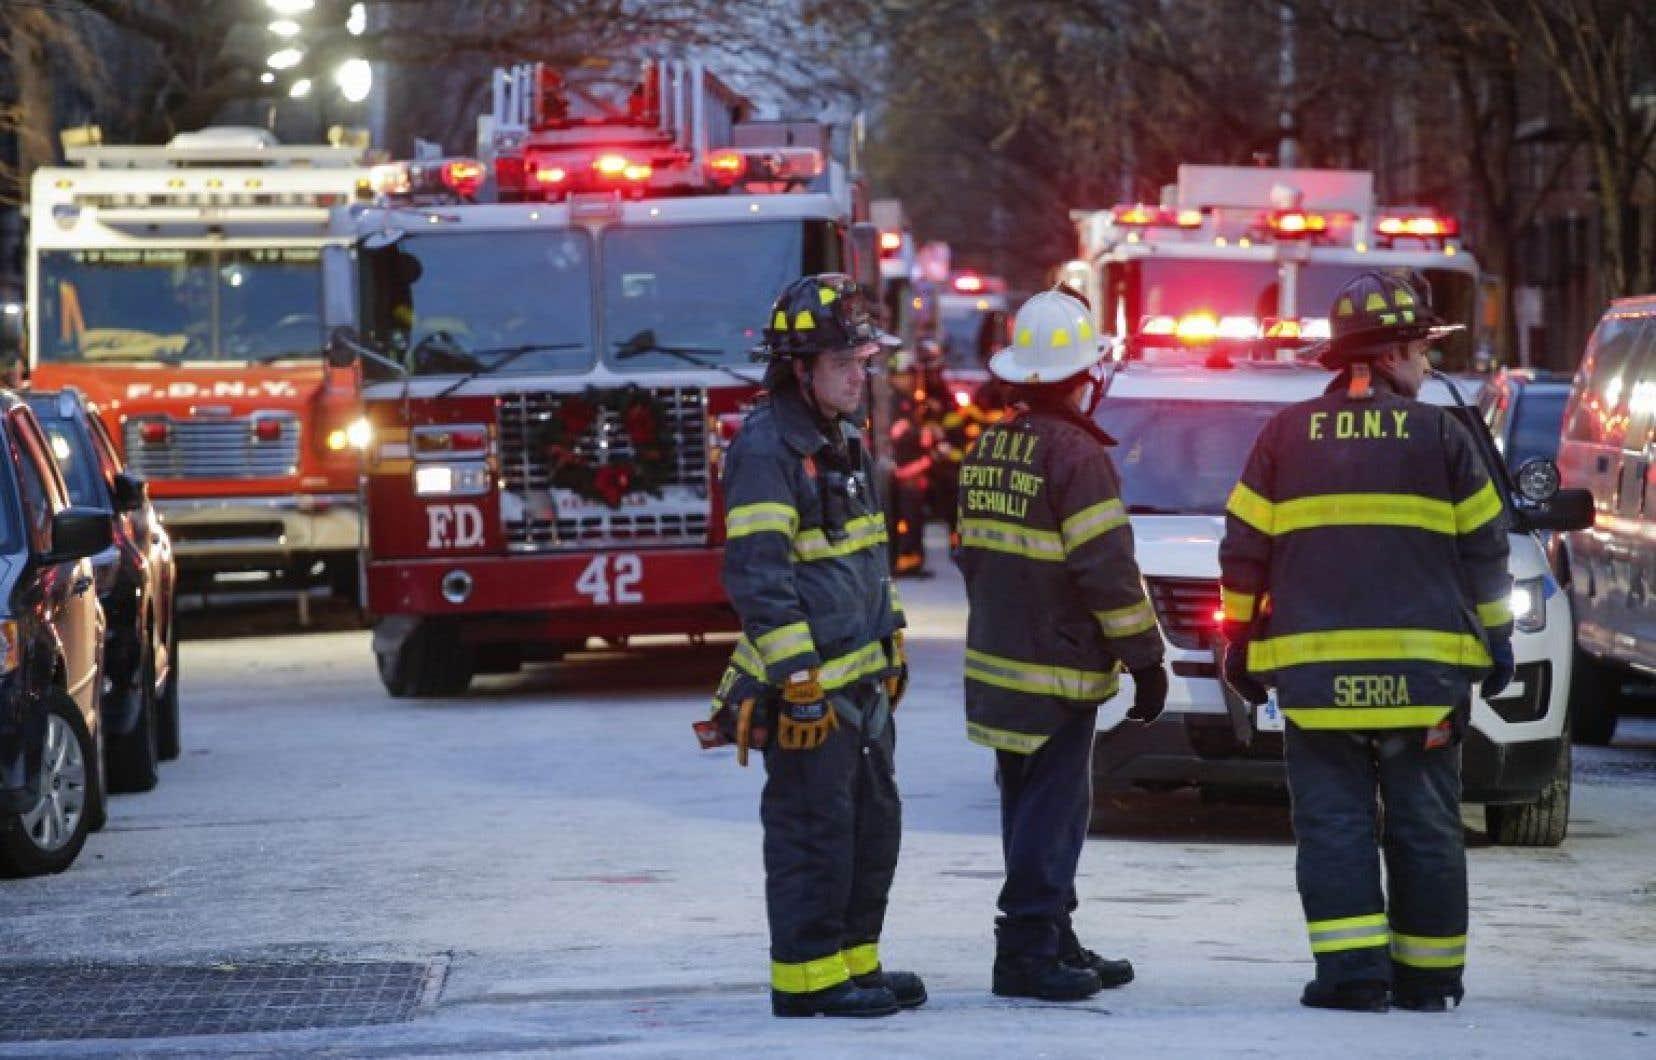 L'incendie a éclaté au rez-de-chaussée d'un immeuble de briques de quatre étages, comme il y en a des centaines à New York.